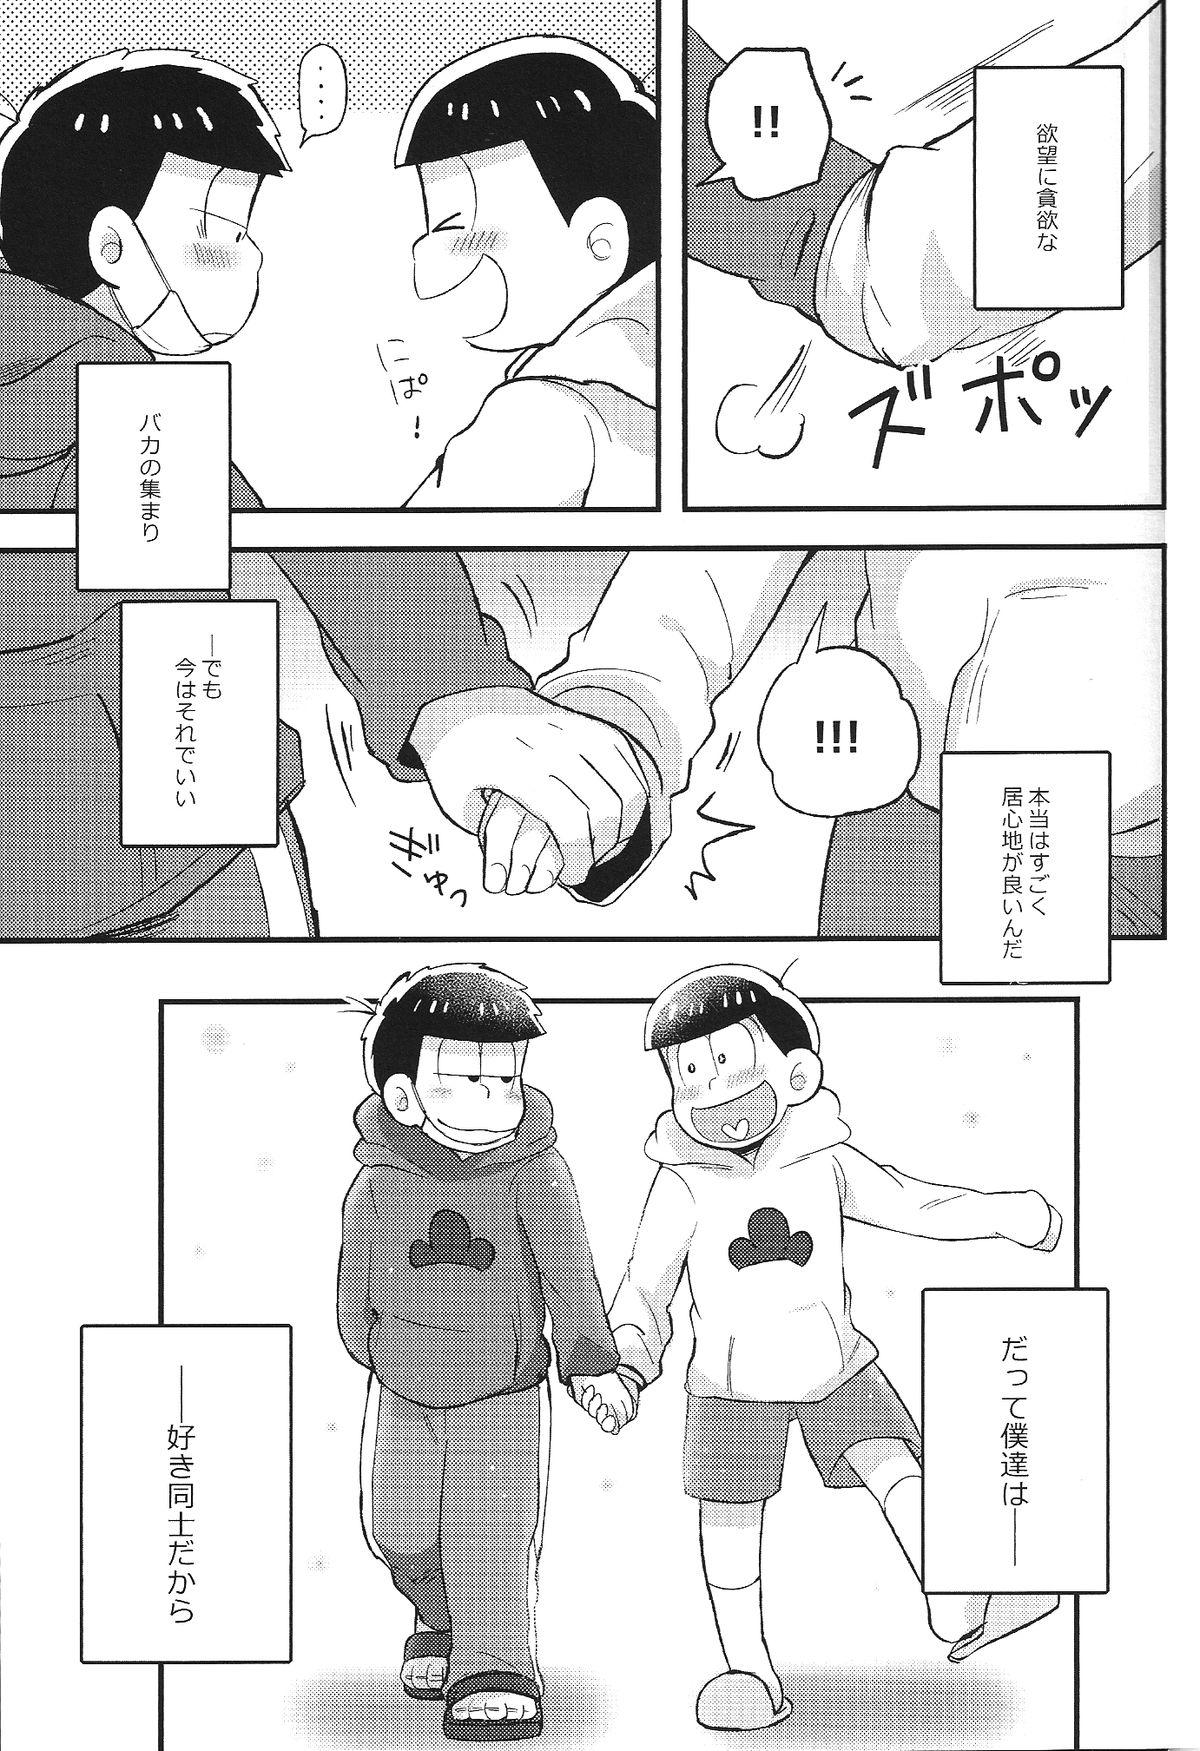 Kimi to Suki Doushi 32